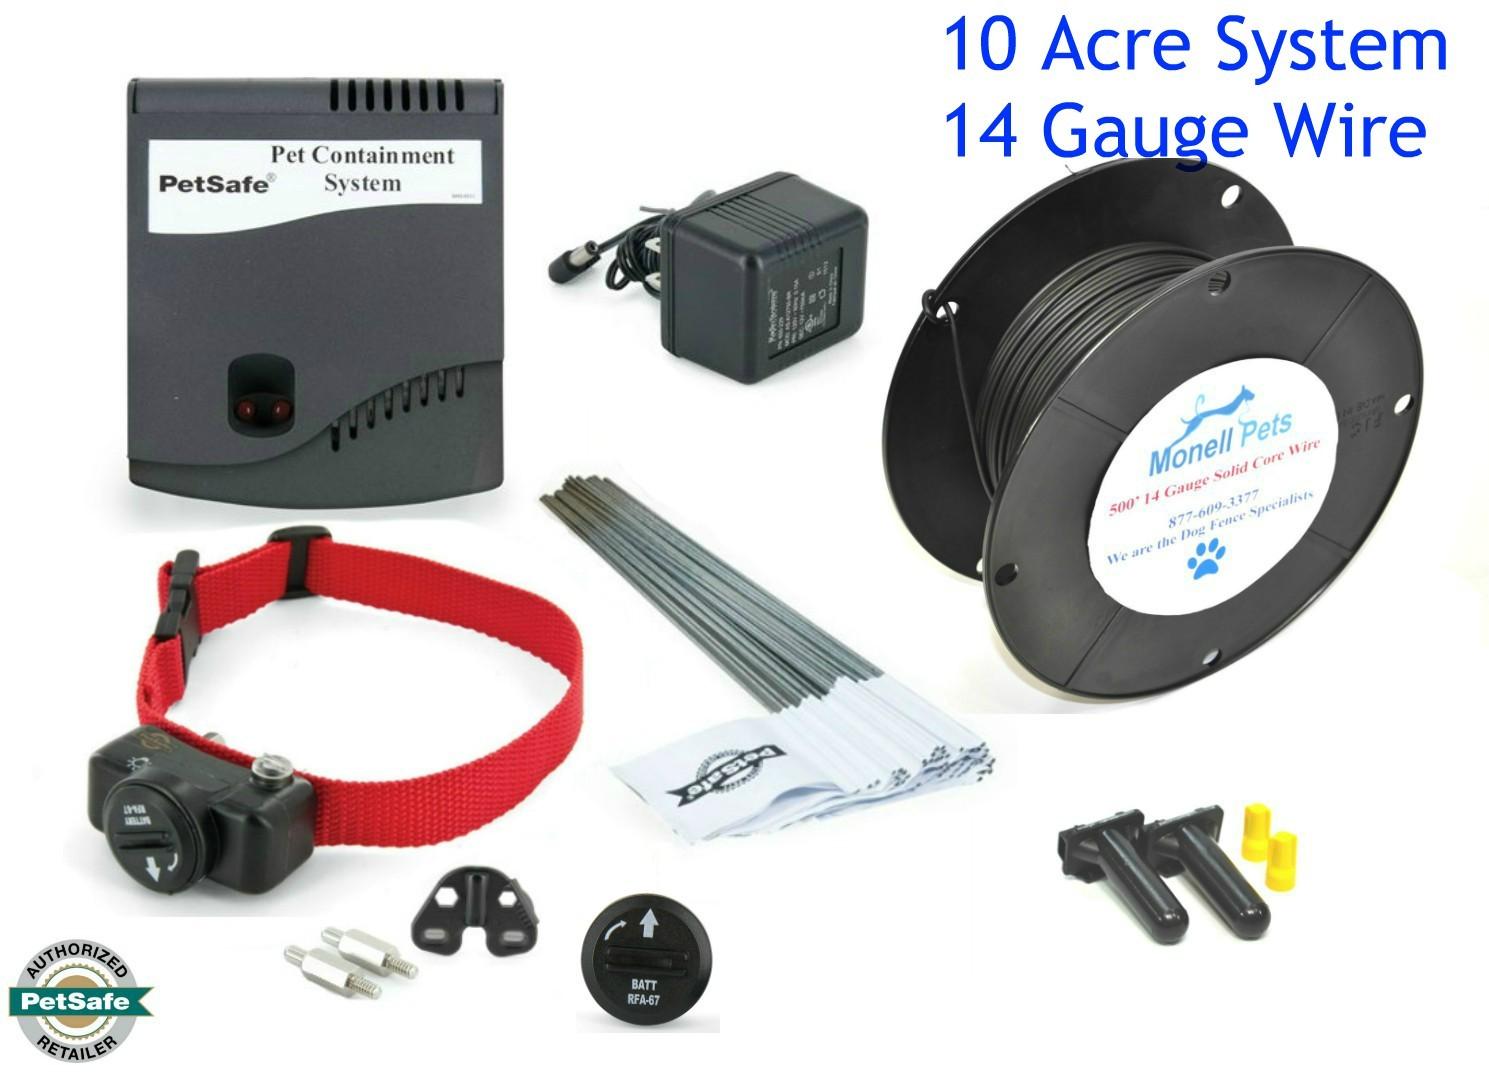 Petsafe In Ground Dog Fence Kit 14 Gauge Heavy Duty Wire ZIG00-14654